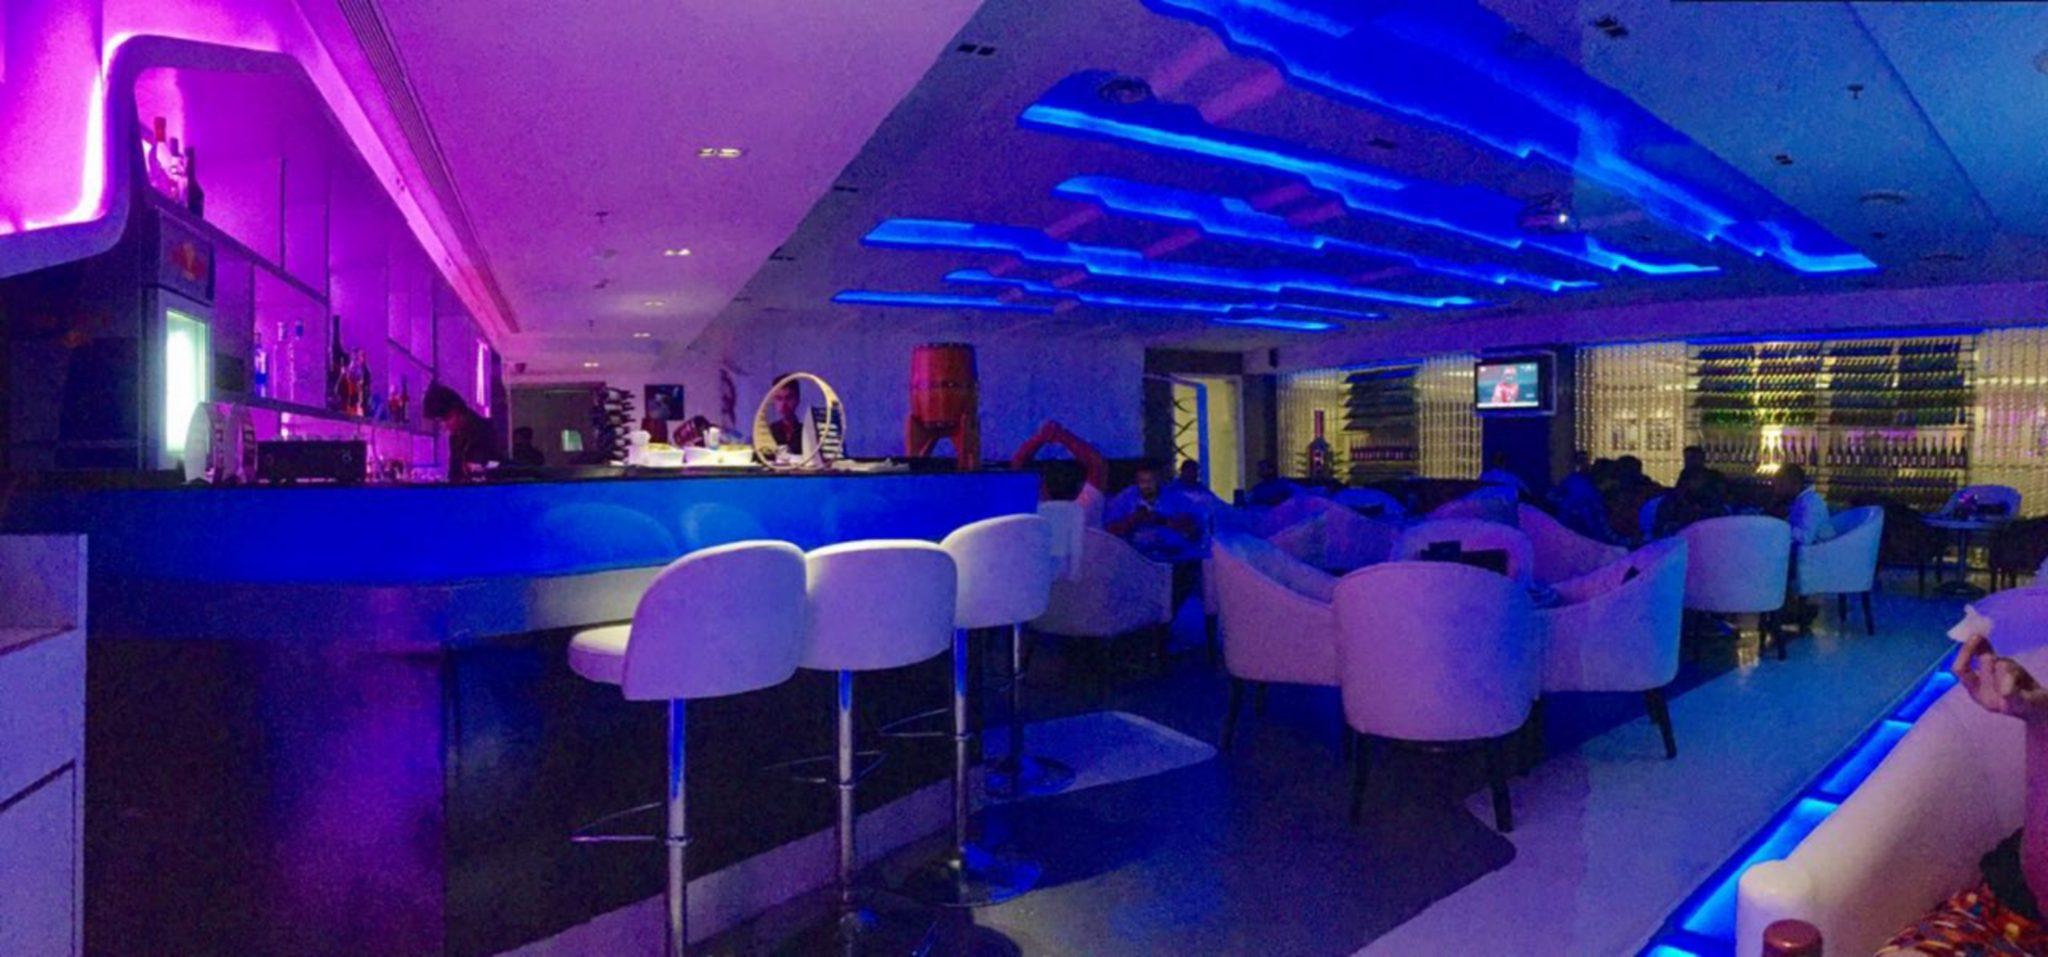 Le Bar Salon, Nashik's Neon Lounge